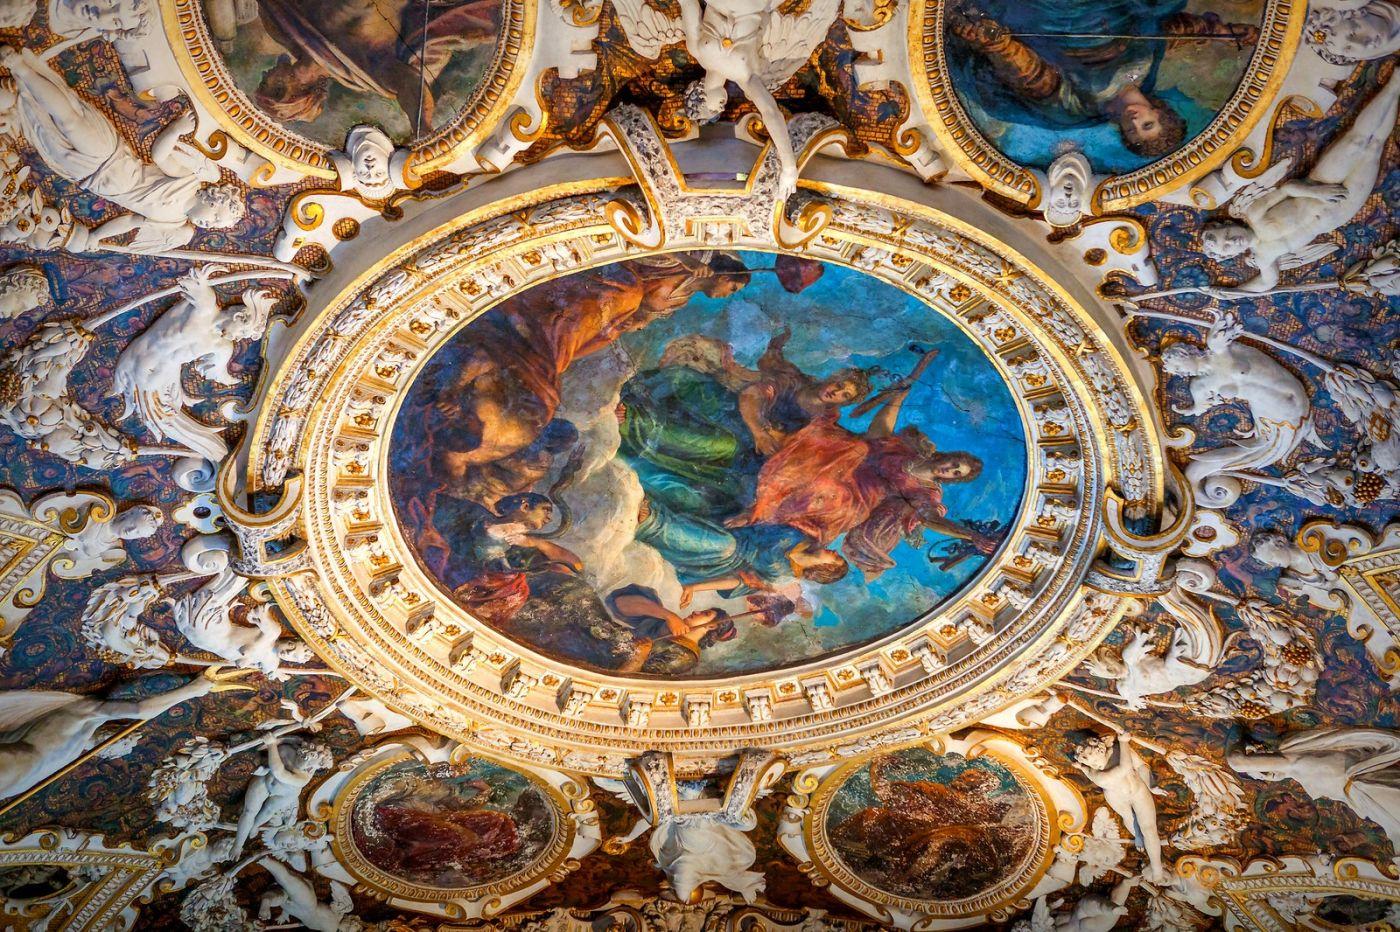 威尼斯圣马可大教堂(St Mark's Basilica), 精雕细琢的顶设_图1-8